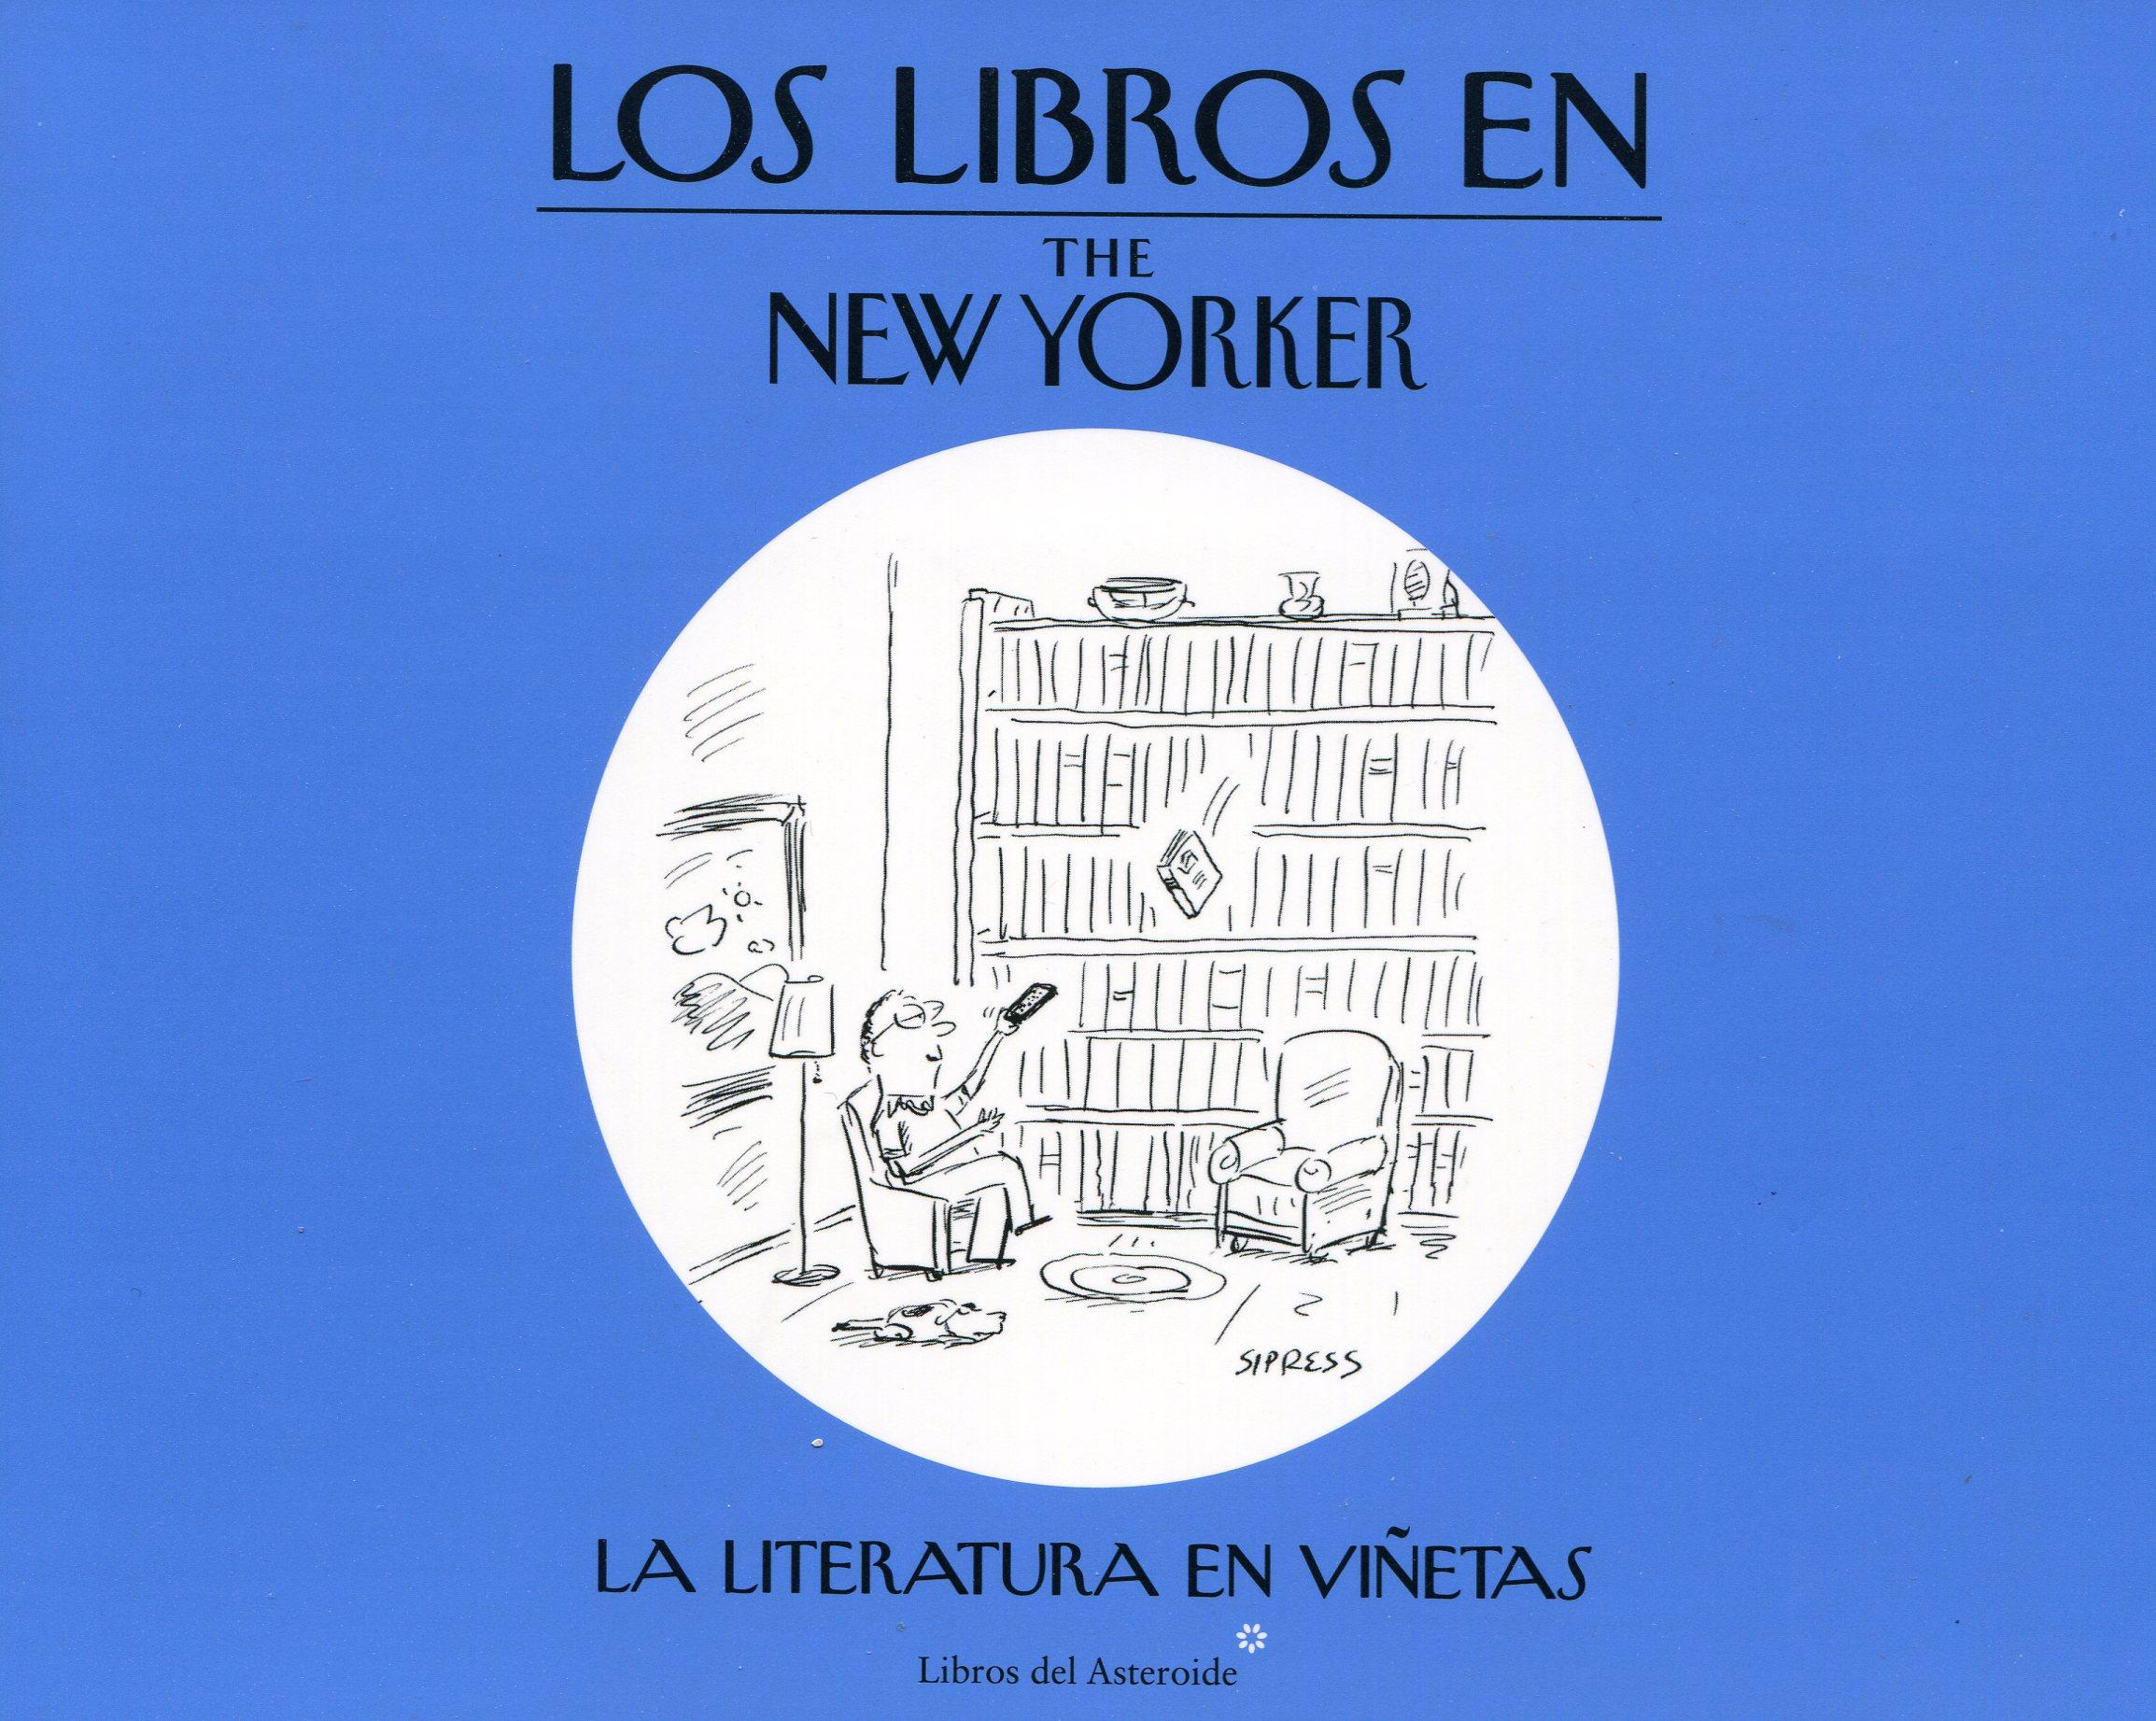 V.V. A. A. Los libros en The New Yorker; traducido por Miguel Aguayo; Barcelona, Libros del Asteroide, 2014; 192 págs.